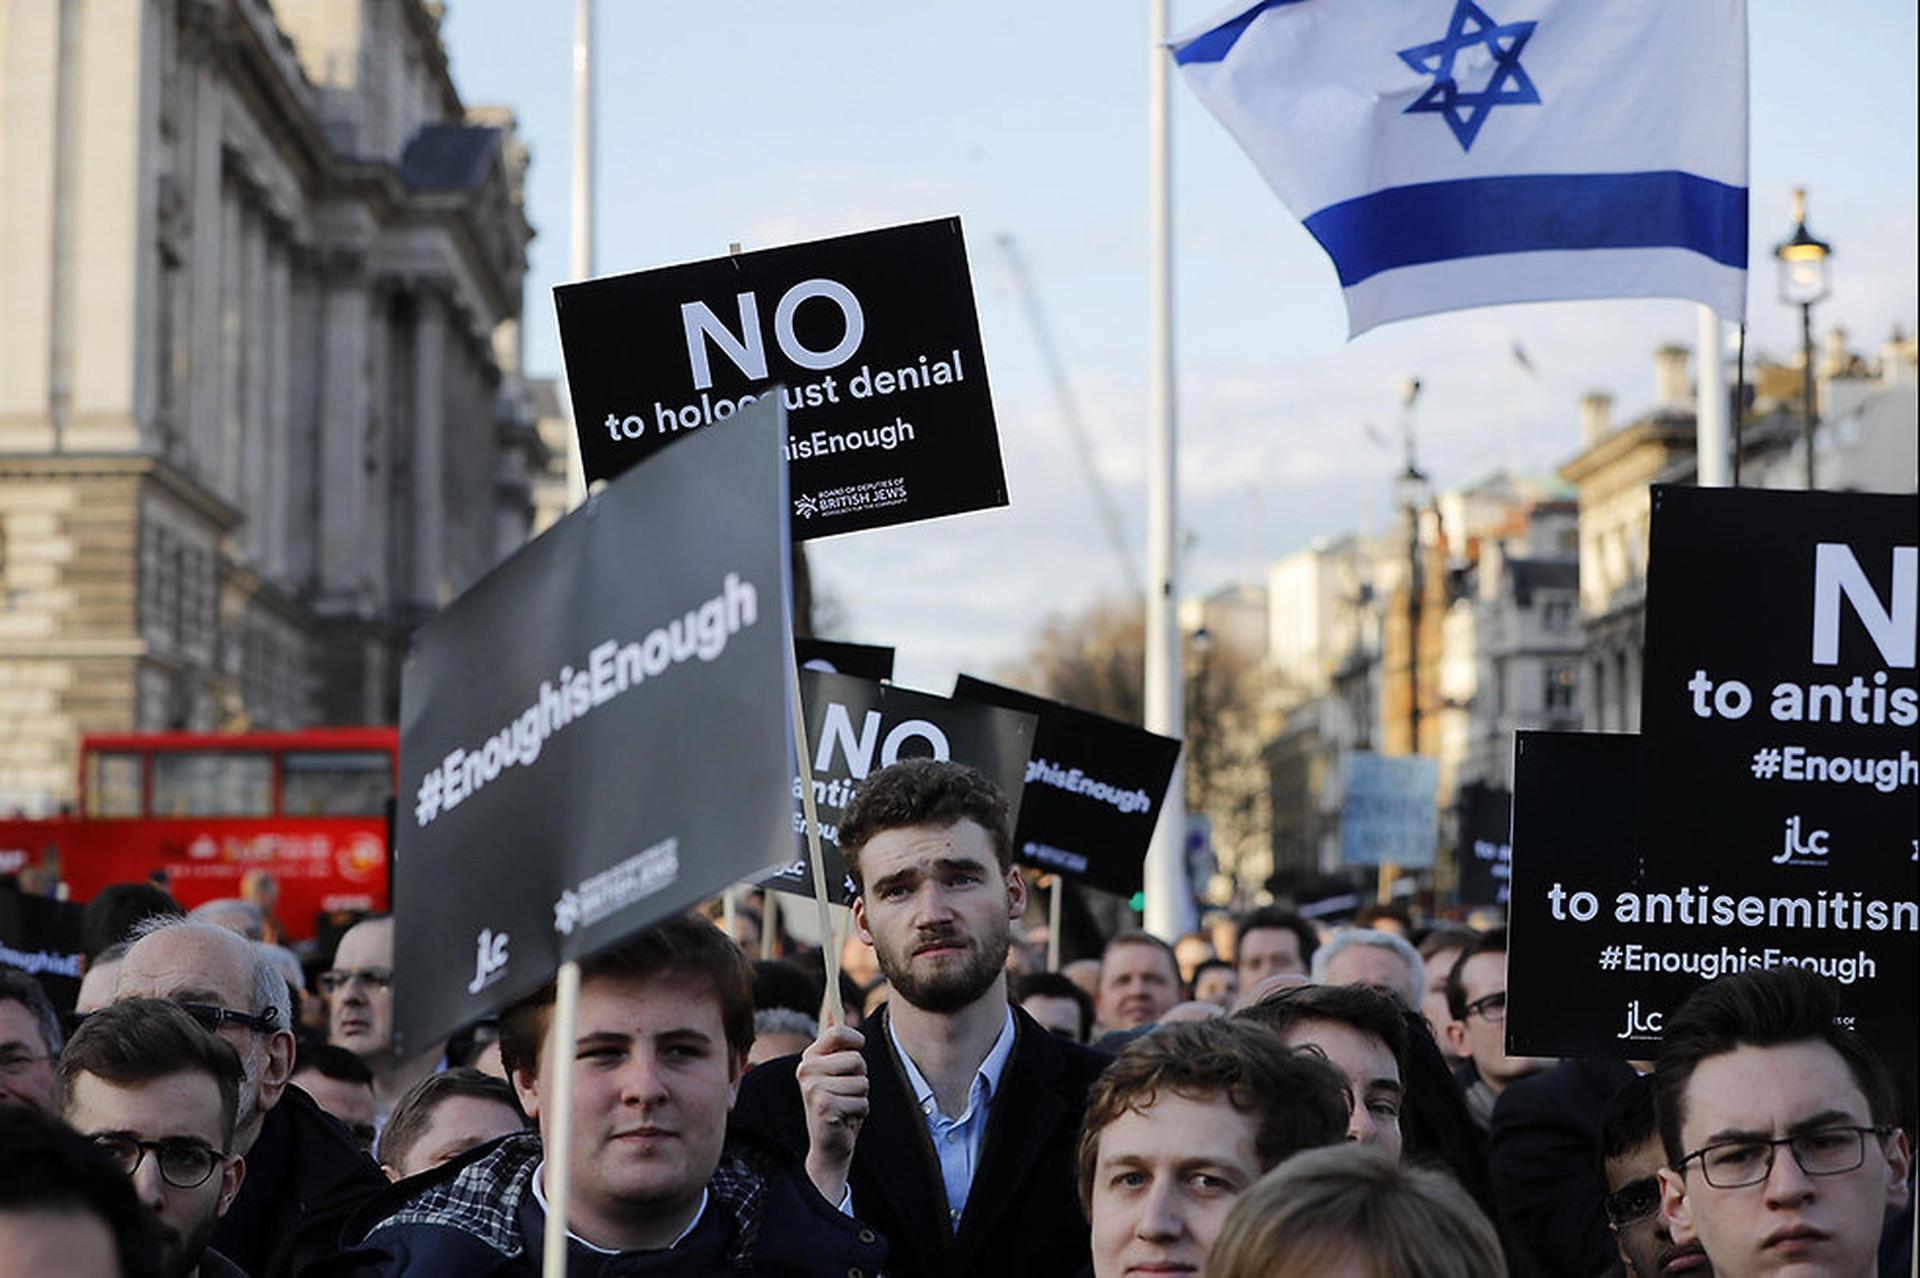 יהודים מפגינים ב לונדון נגד מנהיג הלייבור ג'רמי קורבין